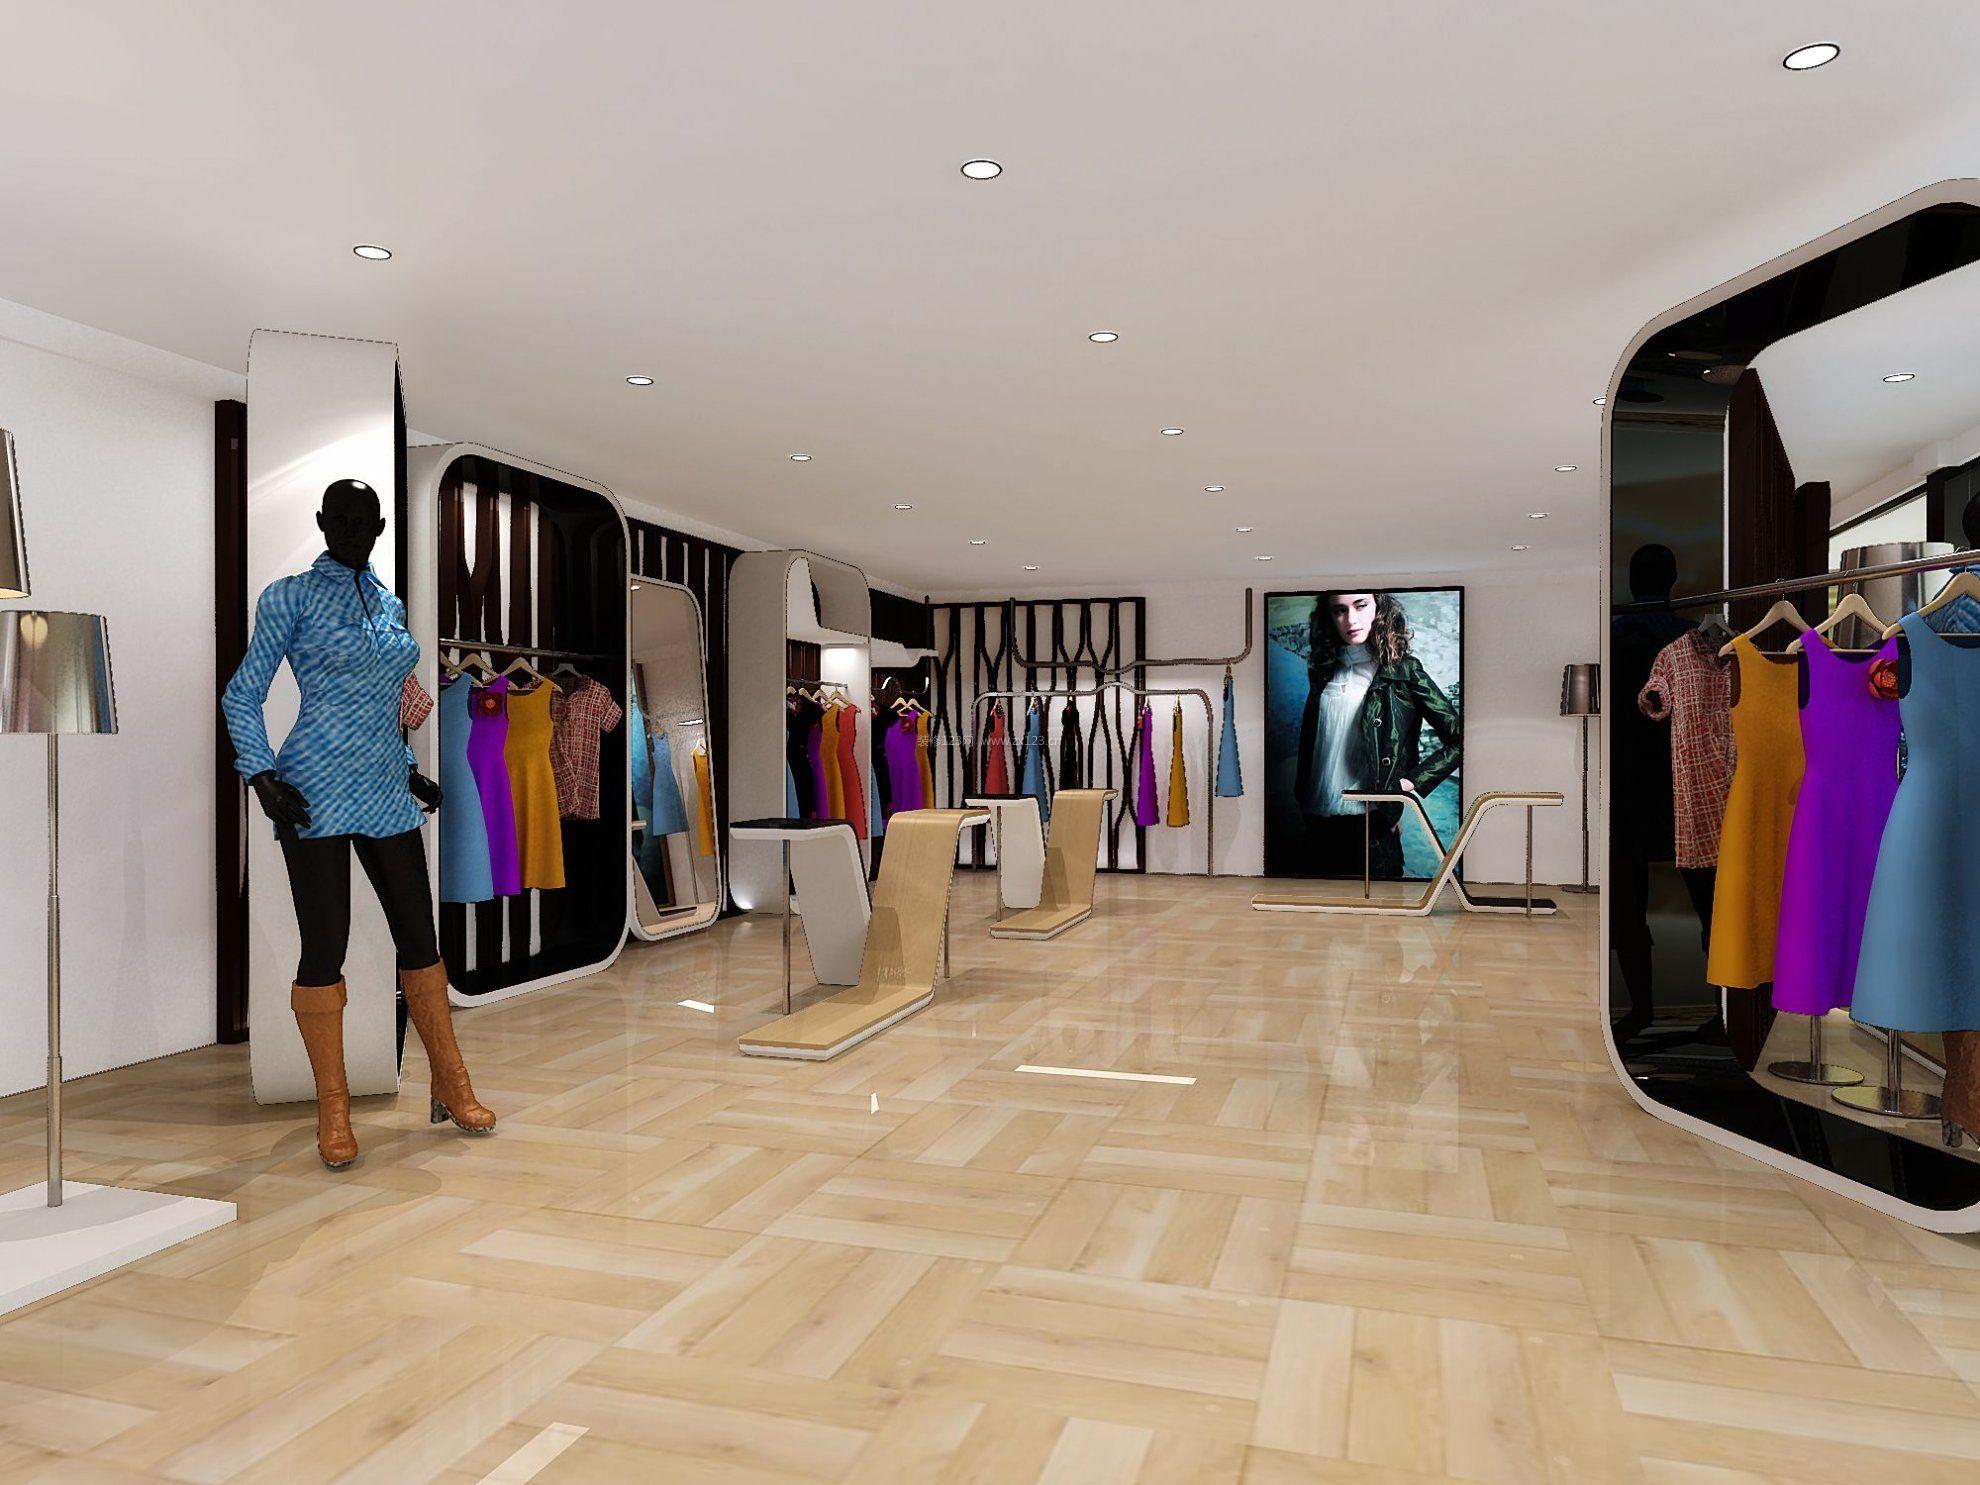 工装效果图 服装店 欧美风格服装店铺地砖的装修效果图 提供者